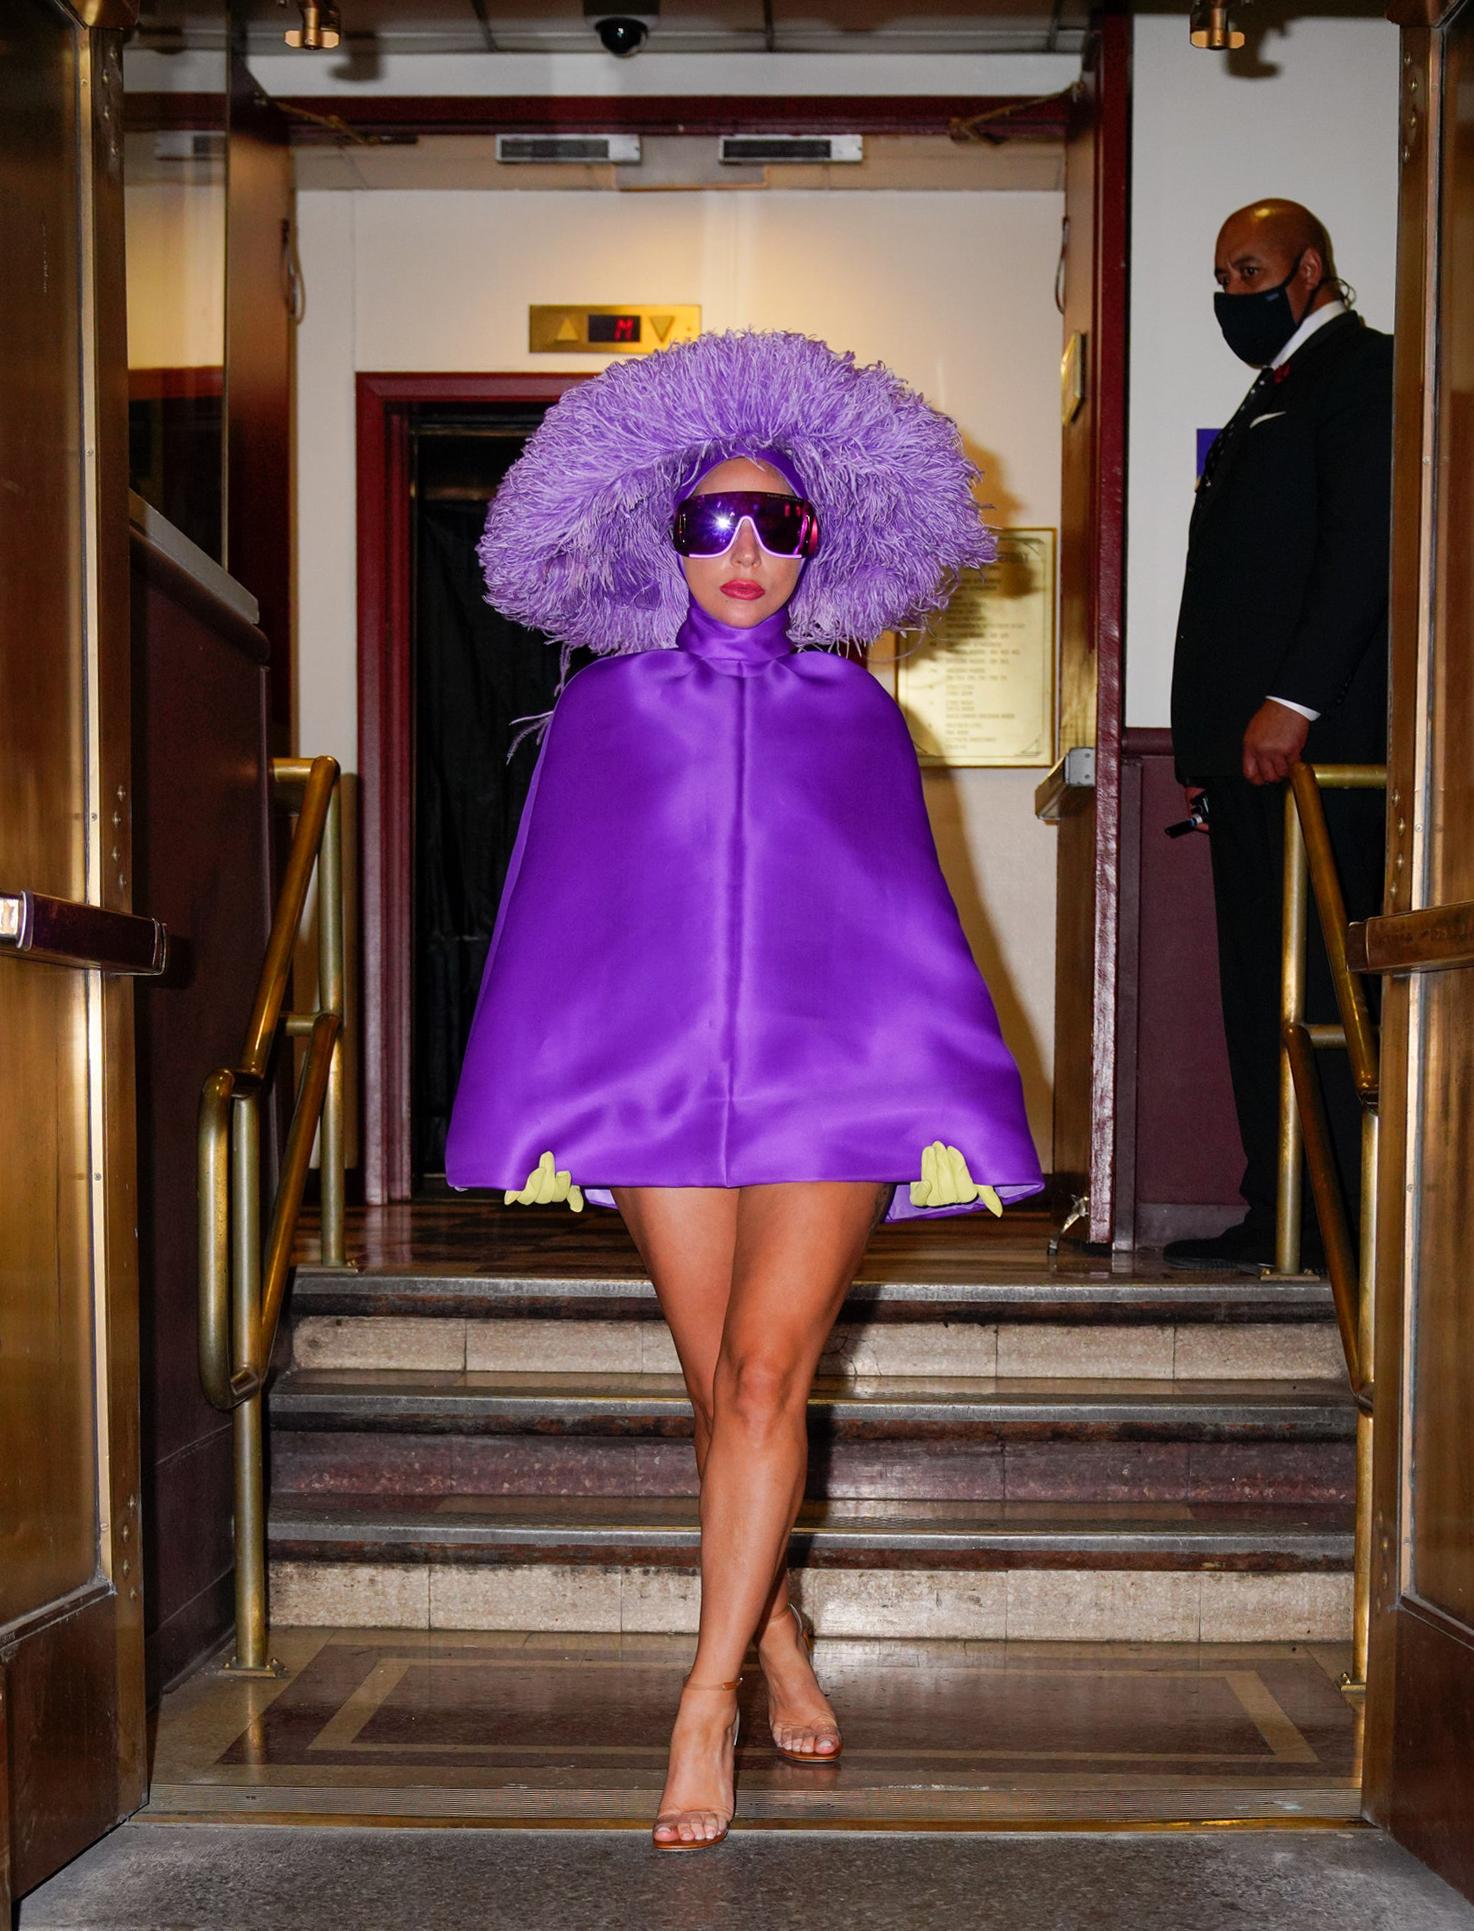 Lady Gaga bước xuống bậc thềm khách sạn.